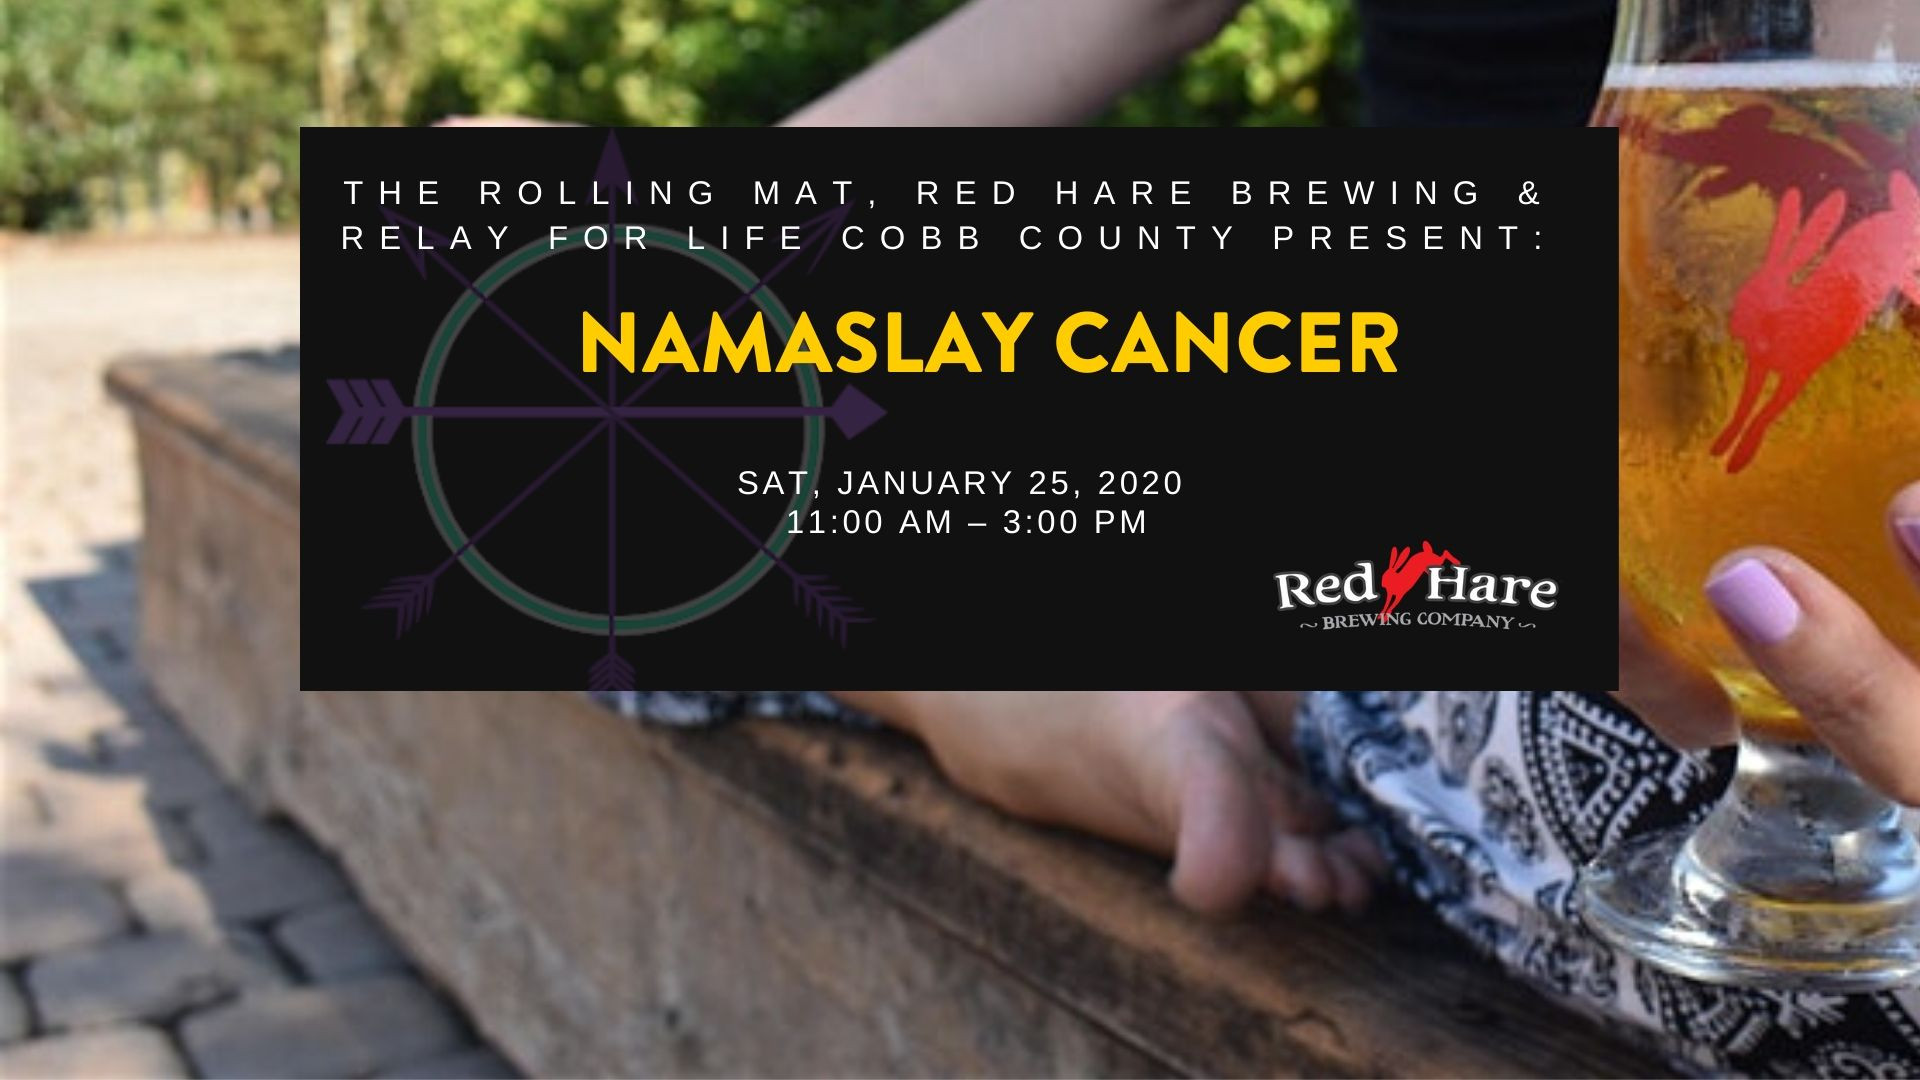 NamaSLAY Cancer